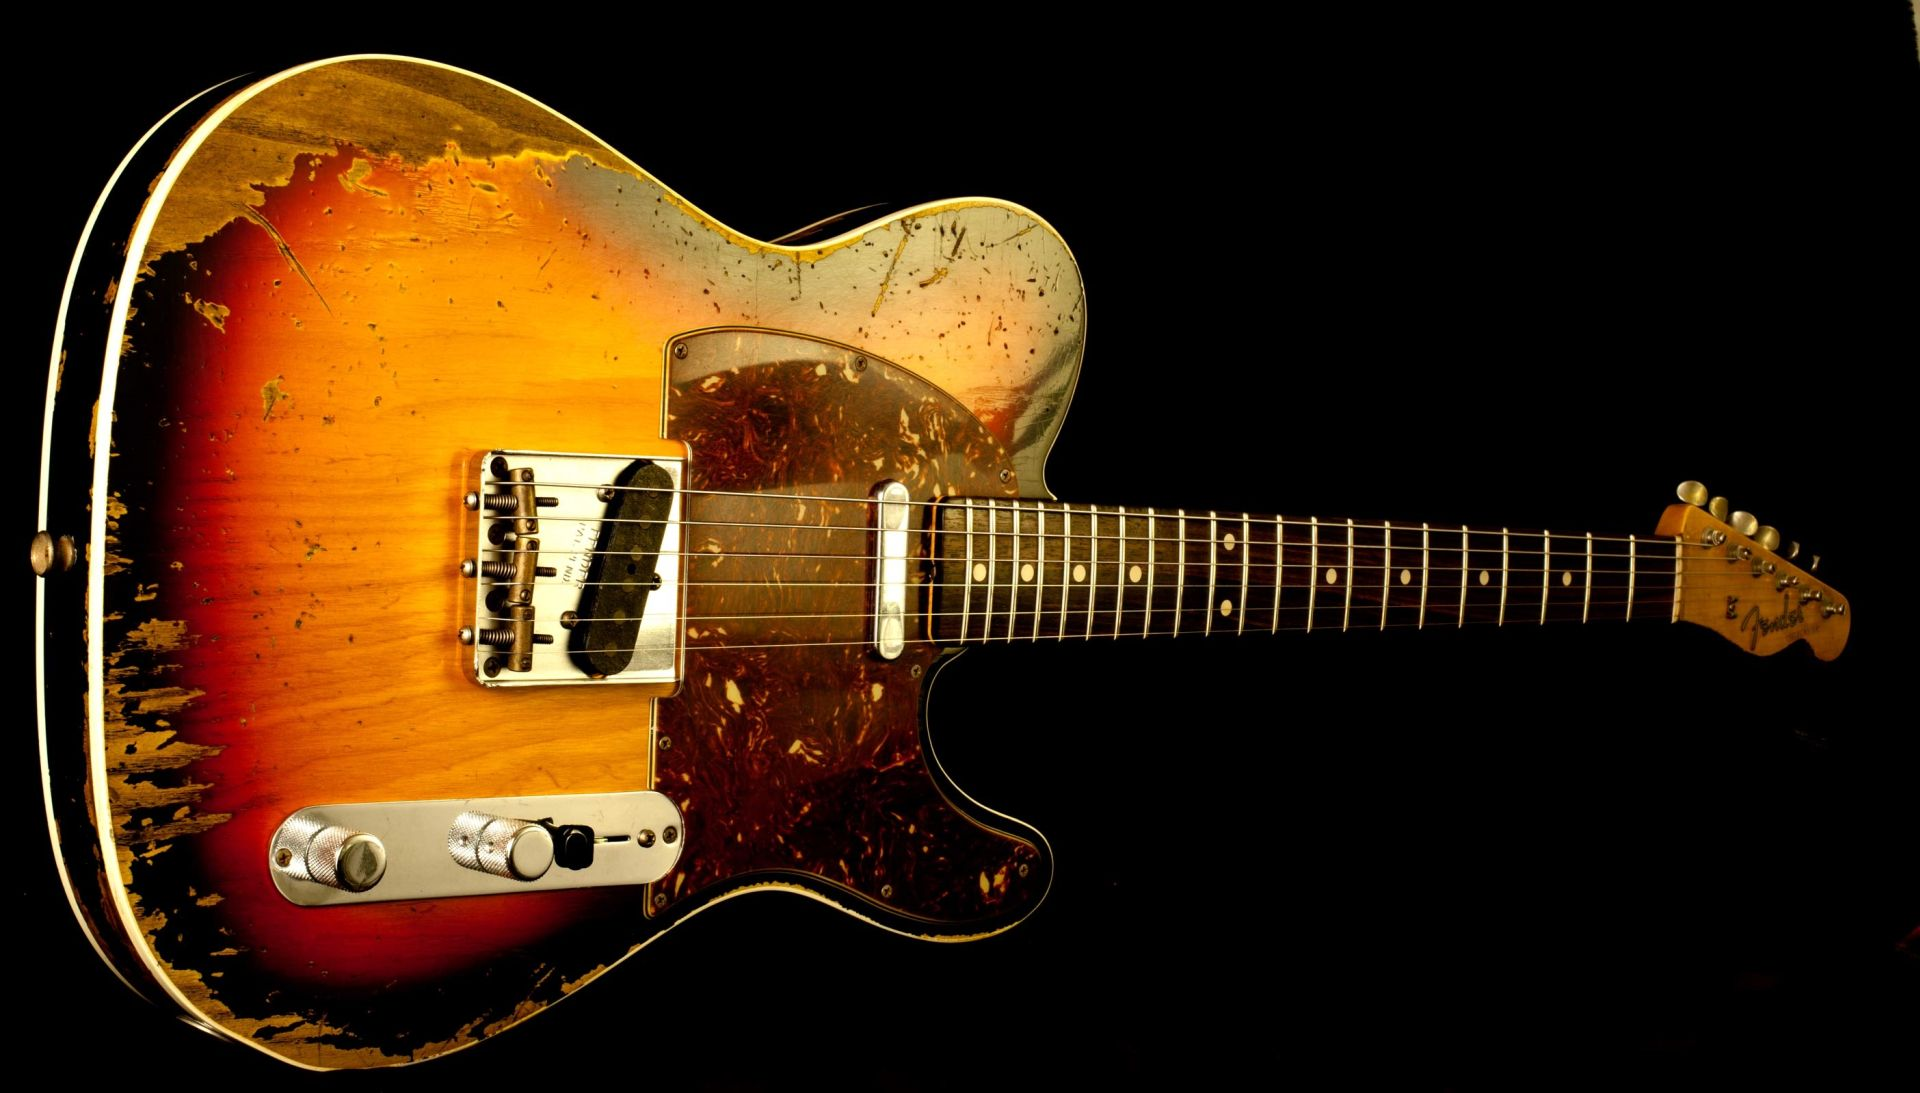 Fender Guitar, Pic